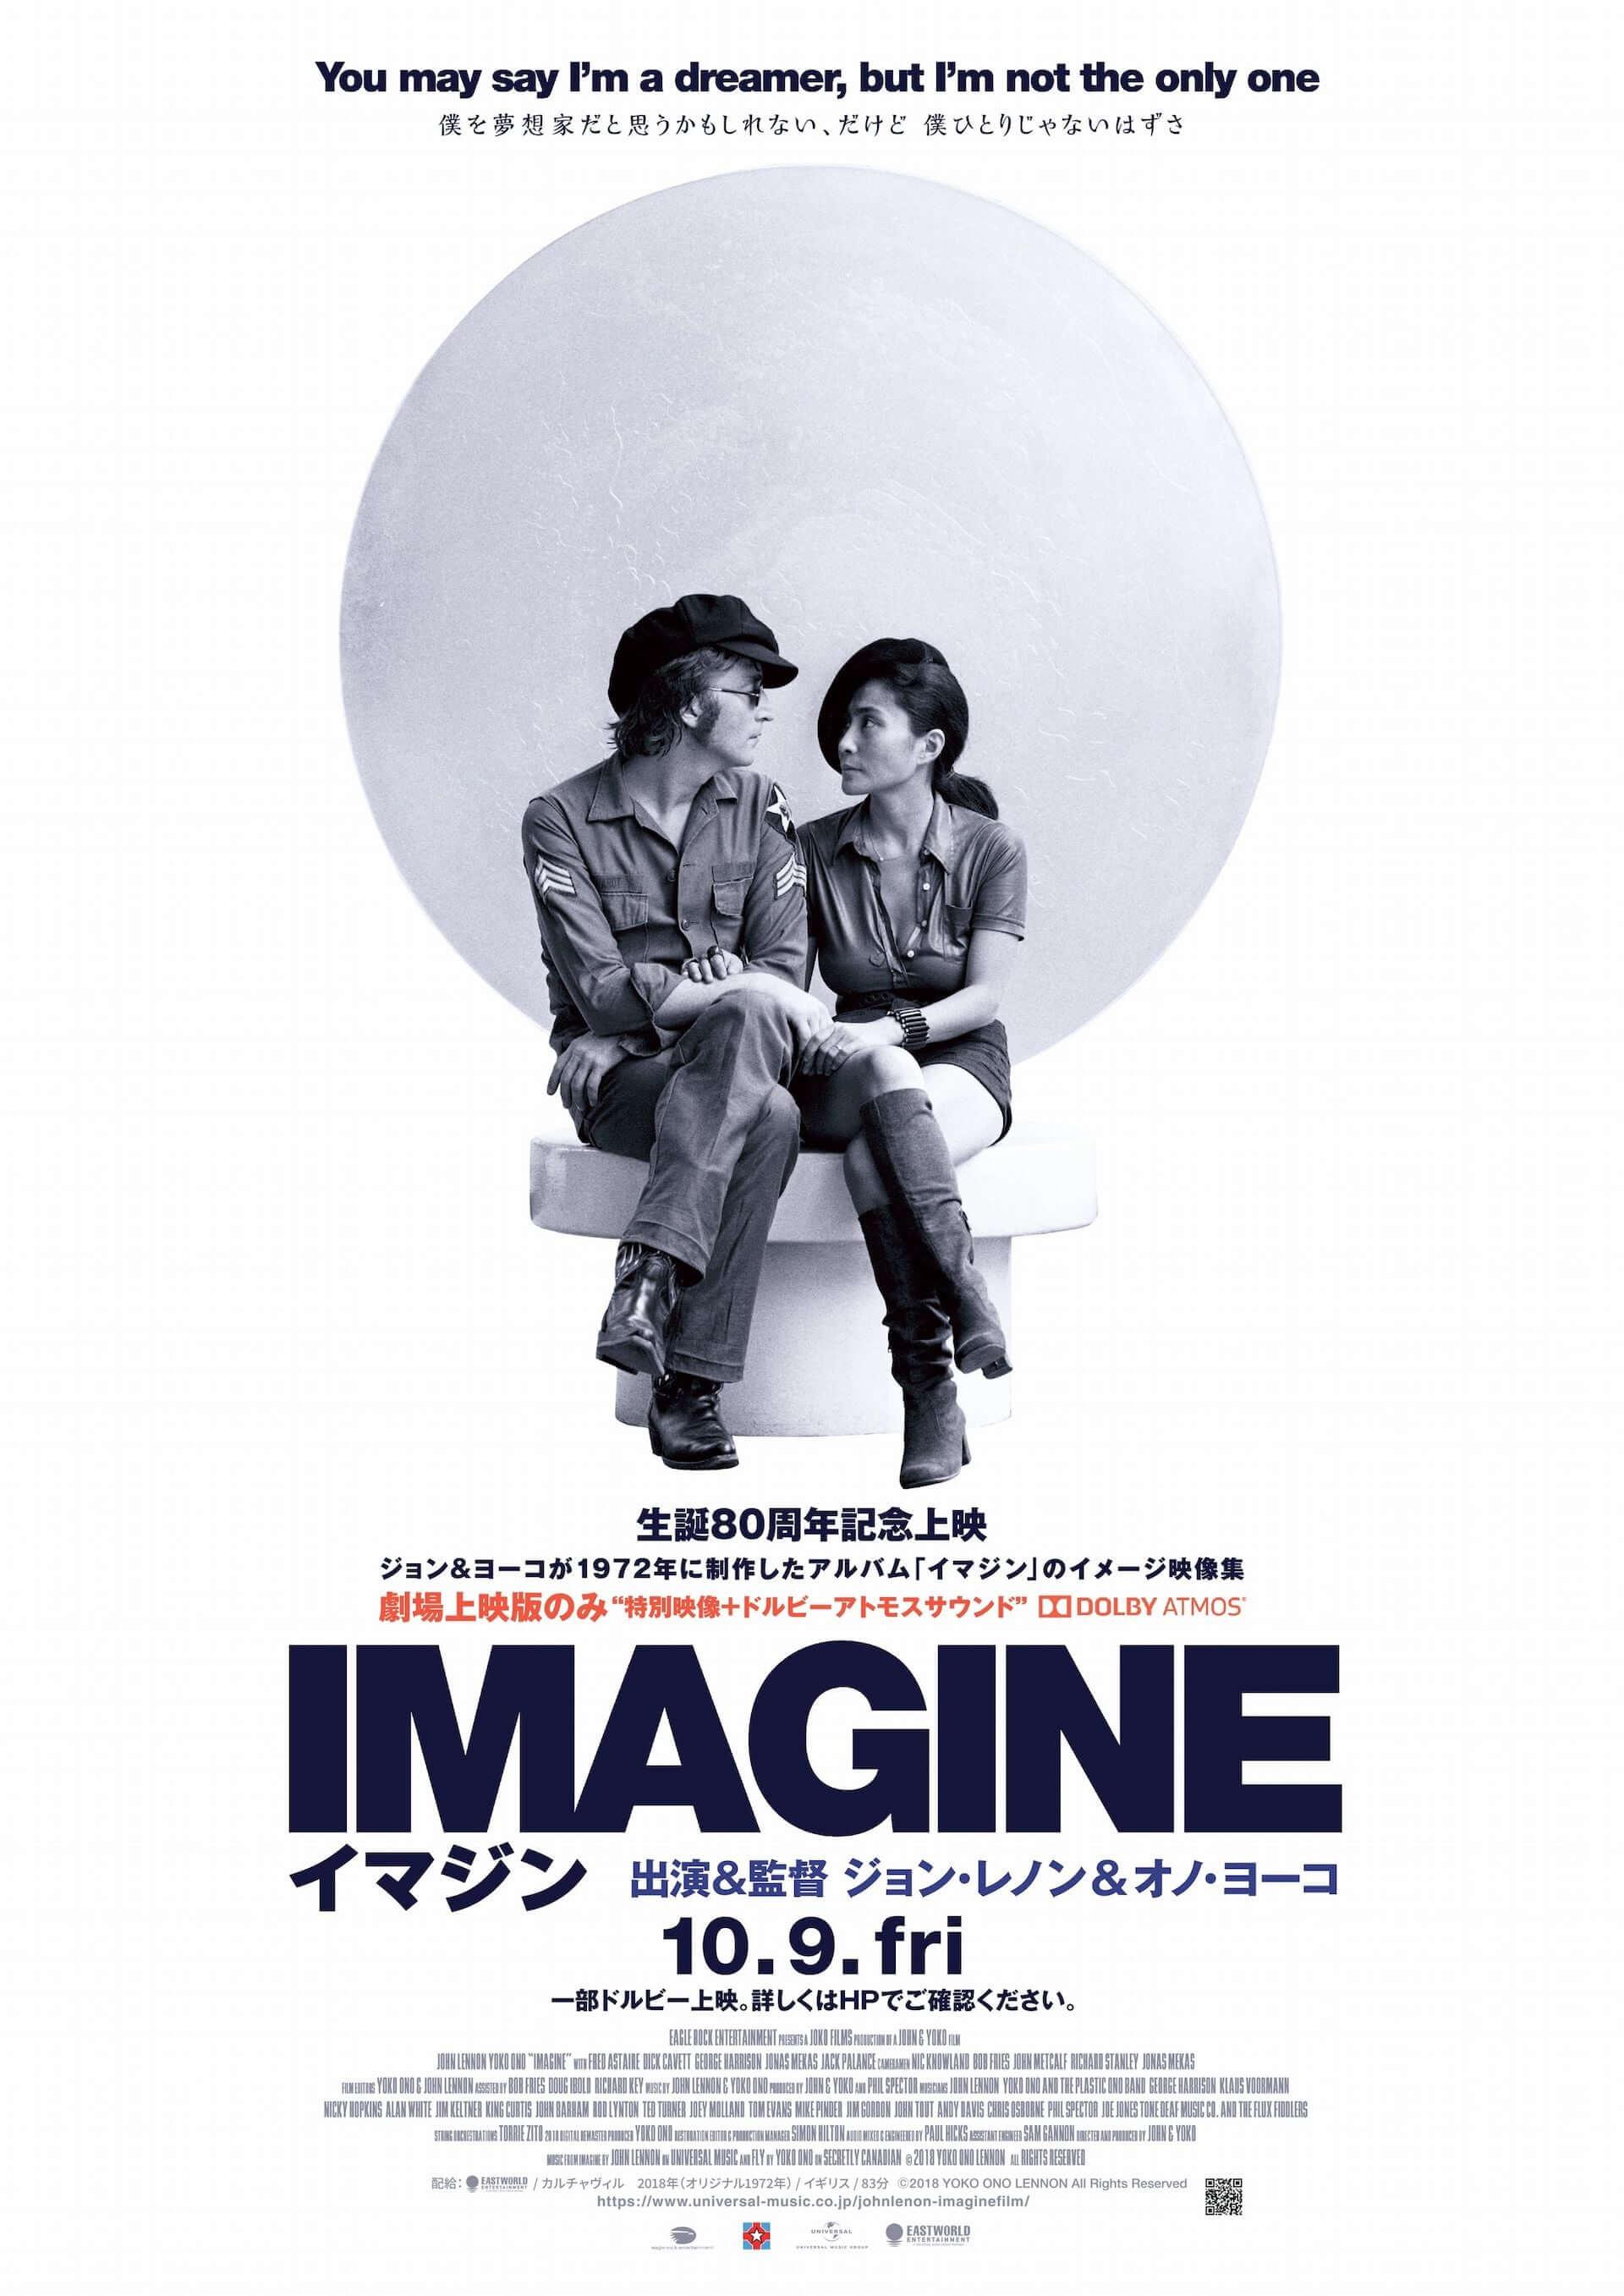 歴史的名盤『イマジン』制作時にジョン・レノンとオノ・ヨーコが暮らしていた家の中が明らかに!劇場上映版『イマジン』に未発表映像が追加 film201005_imaginefilm_2-1920x2714